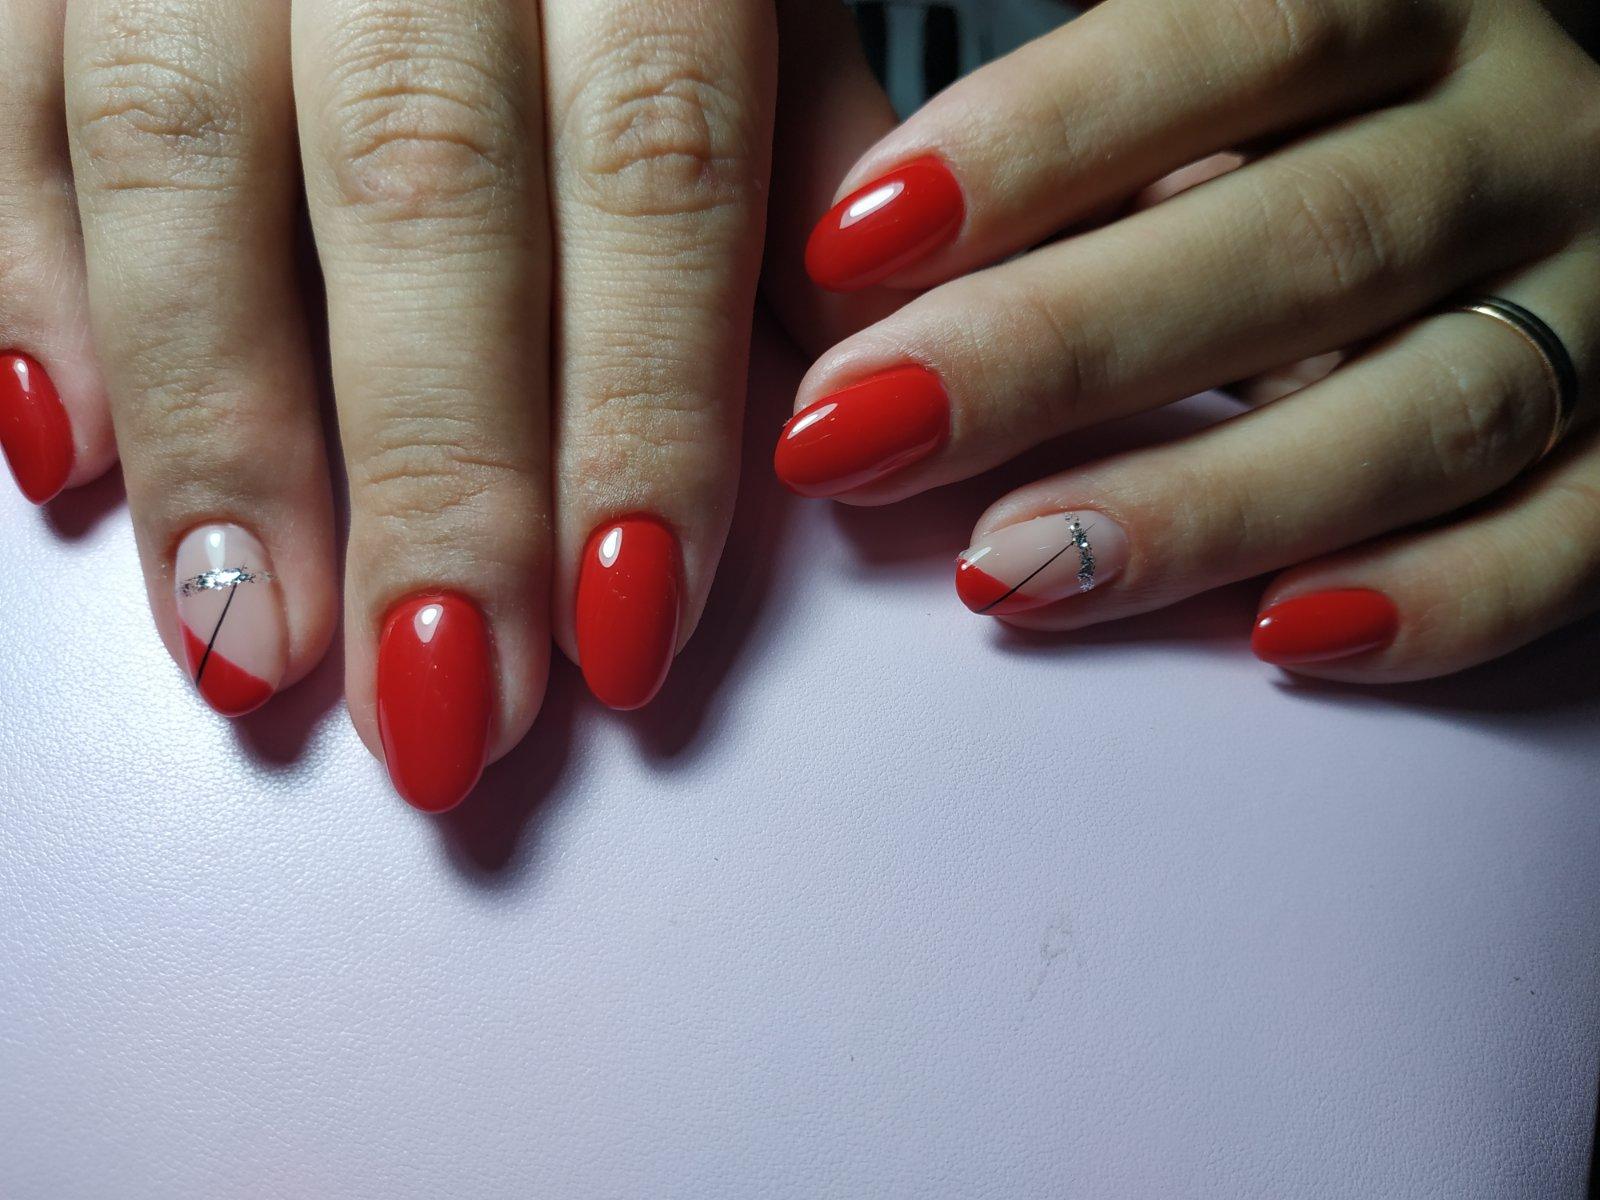 Геометрический маникюр в красном цвете на короткие ногти.